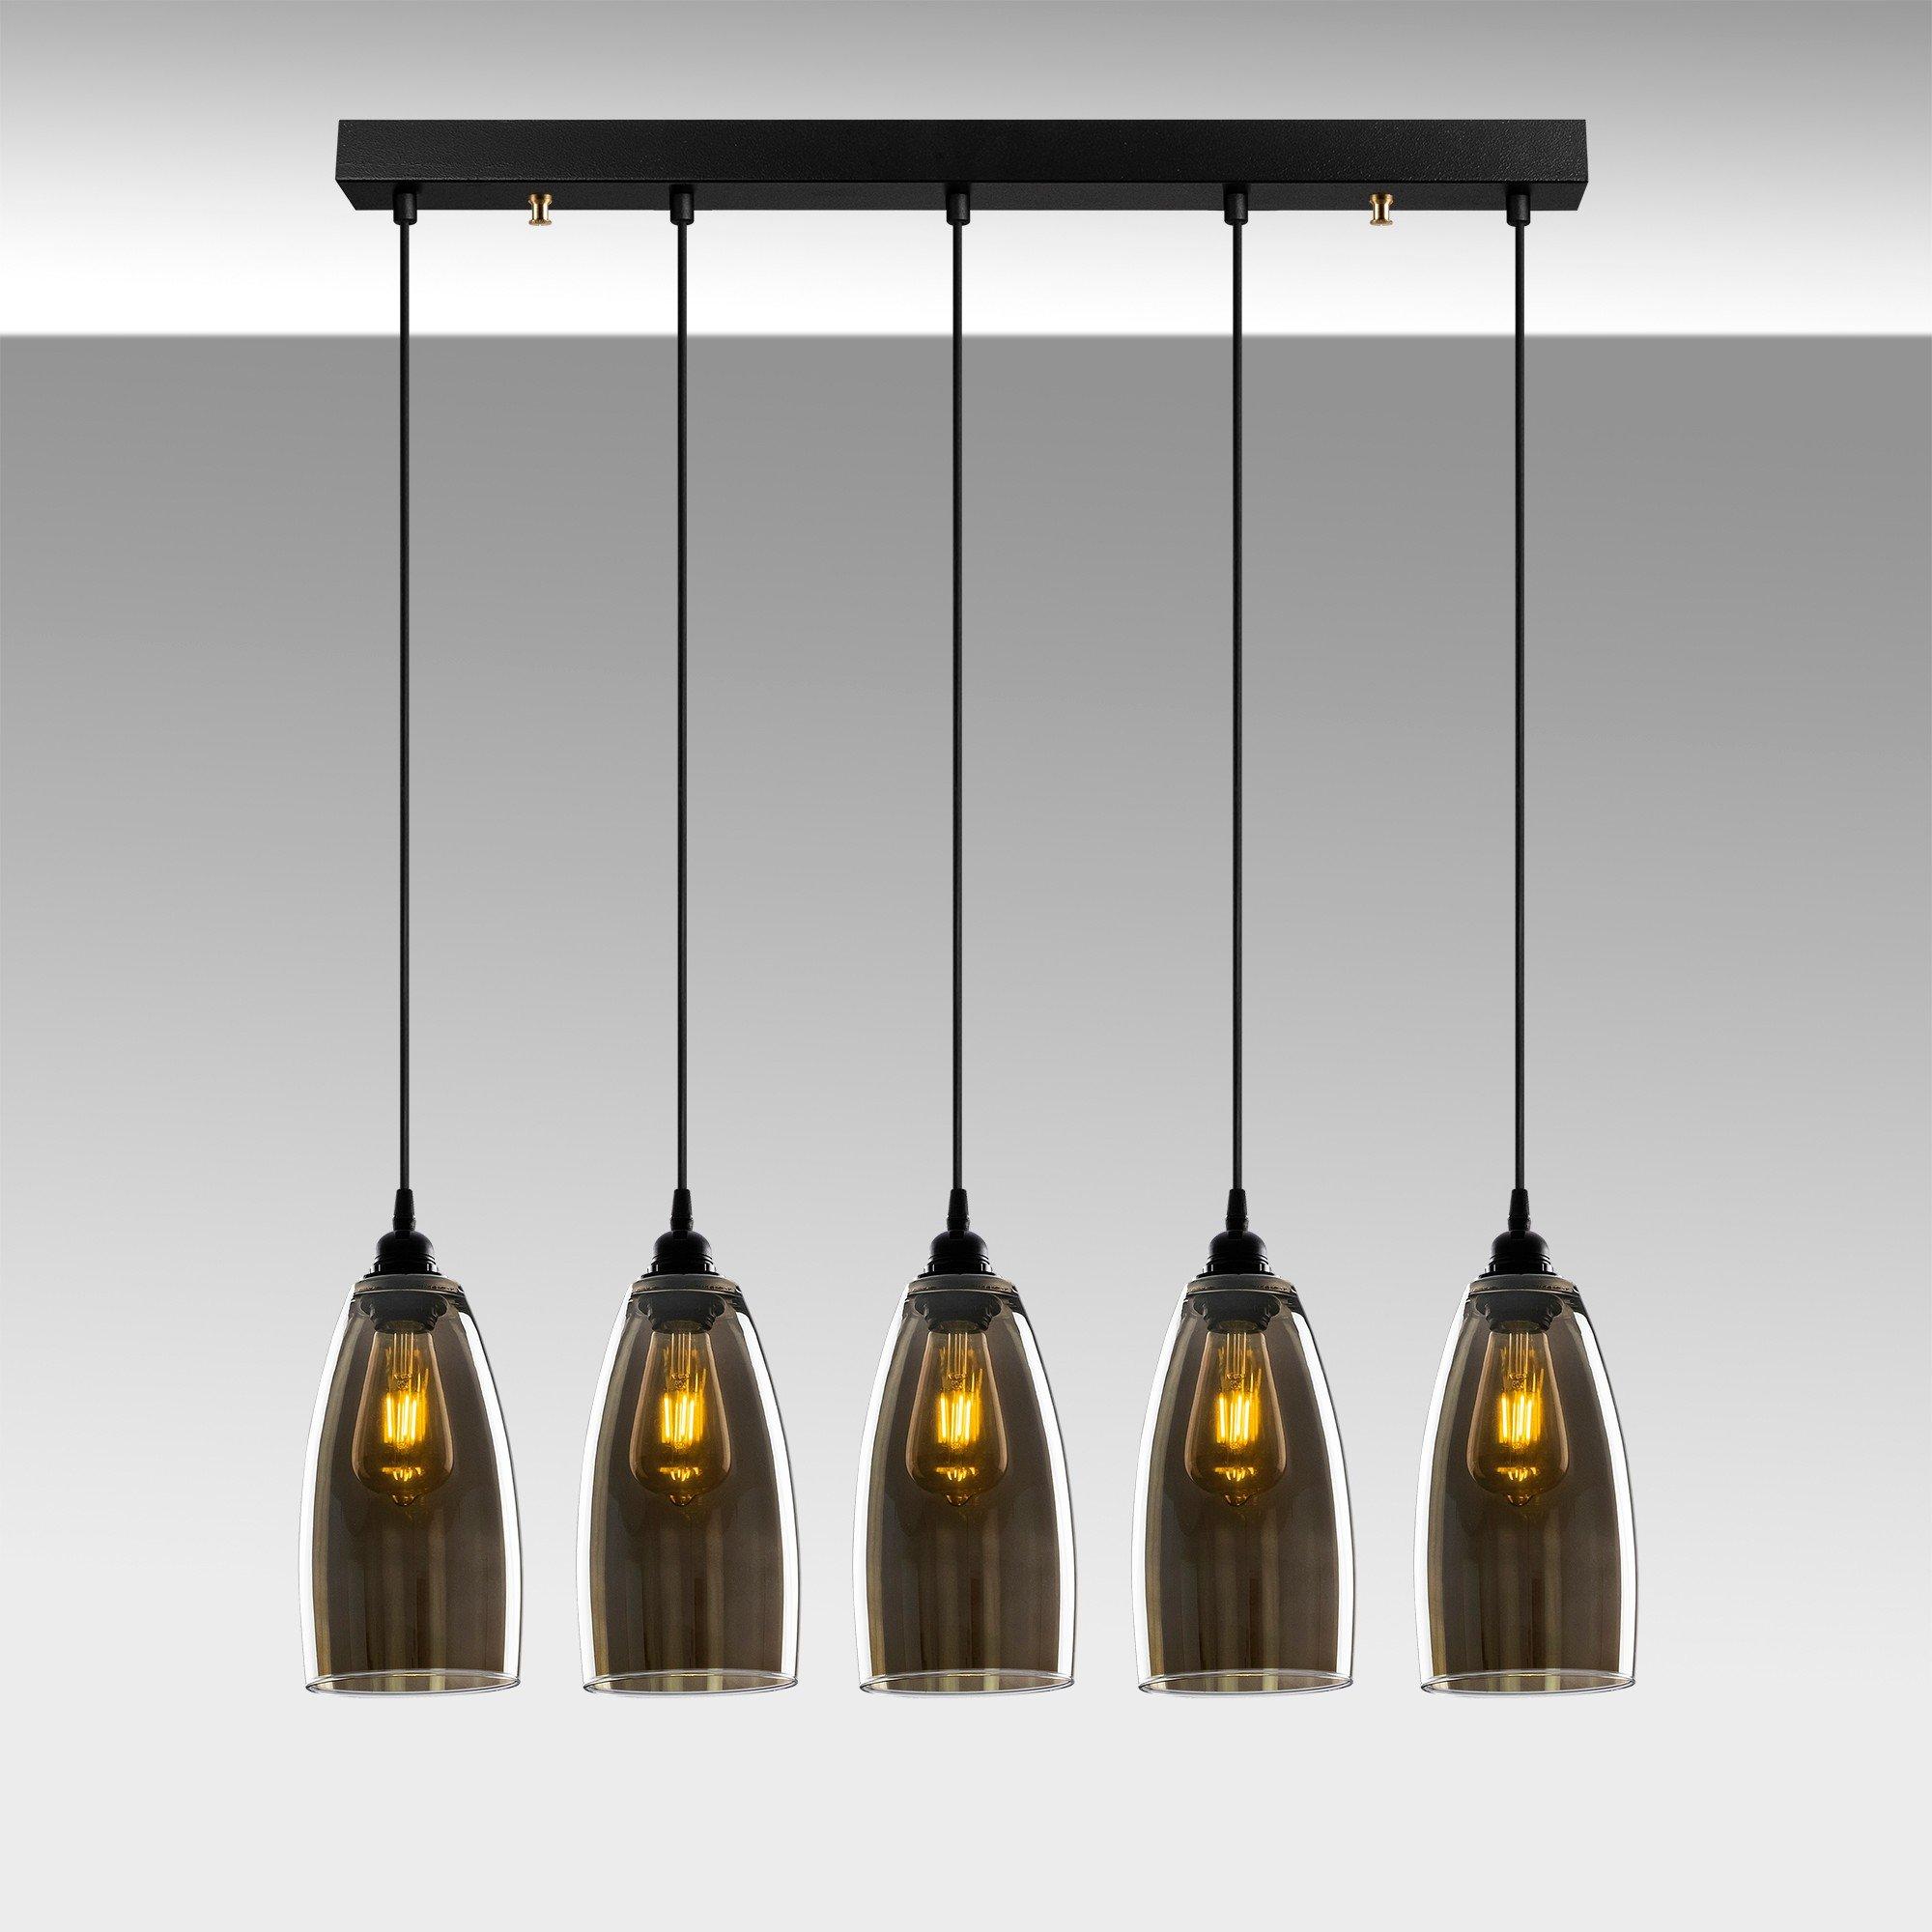 Hanglamp donker glas gerookt glas 5 keer E27 fitting - sfeerfoto